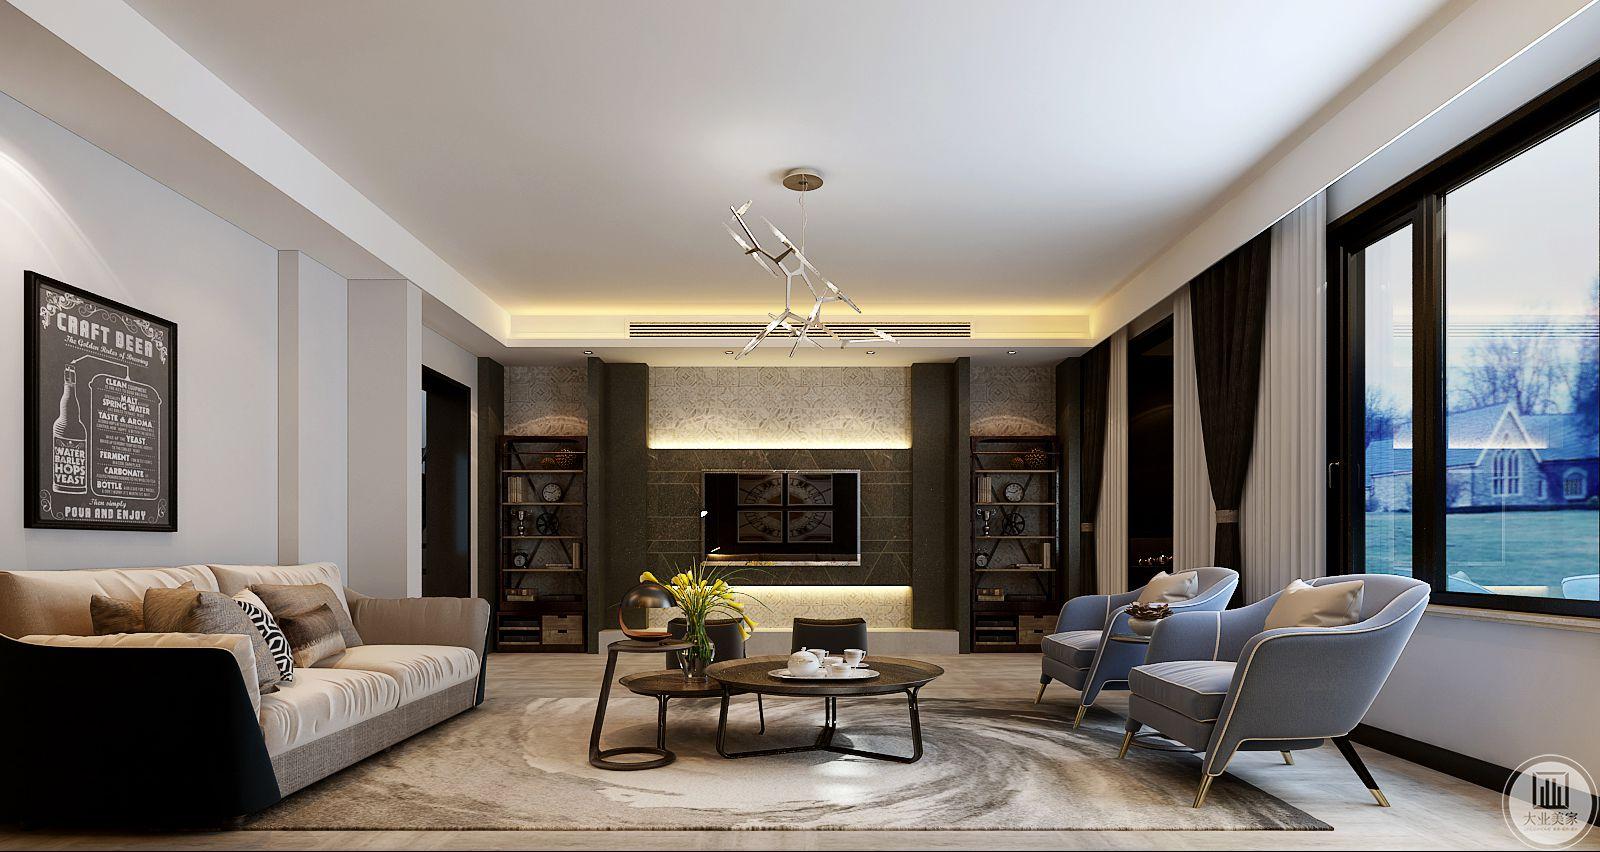 地面采用木纹砖,搭配白色地毯,浅色沙发搭配金属框架的原木茶几。